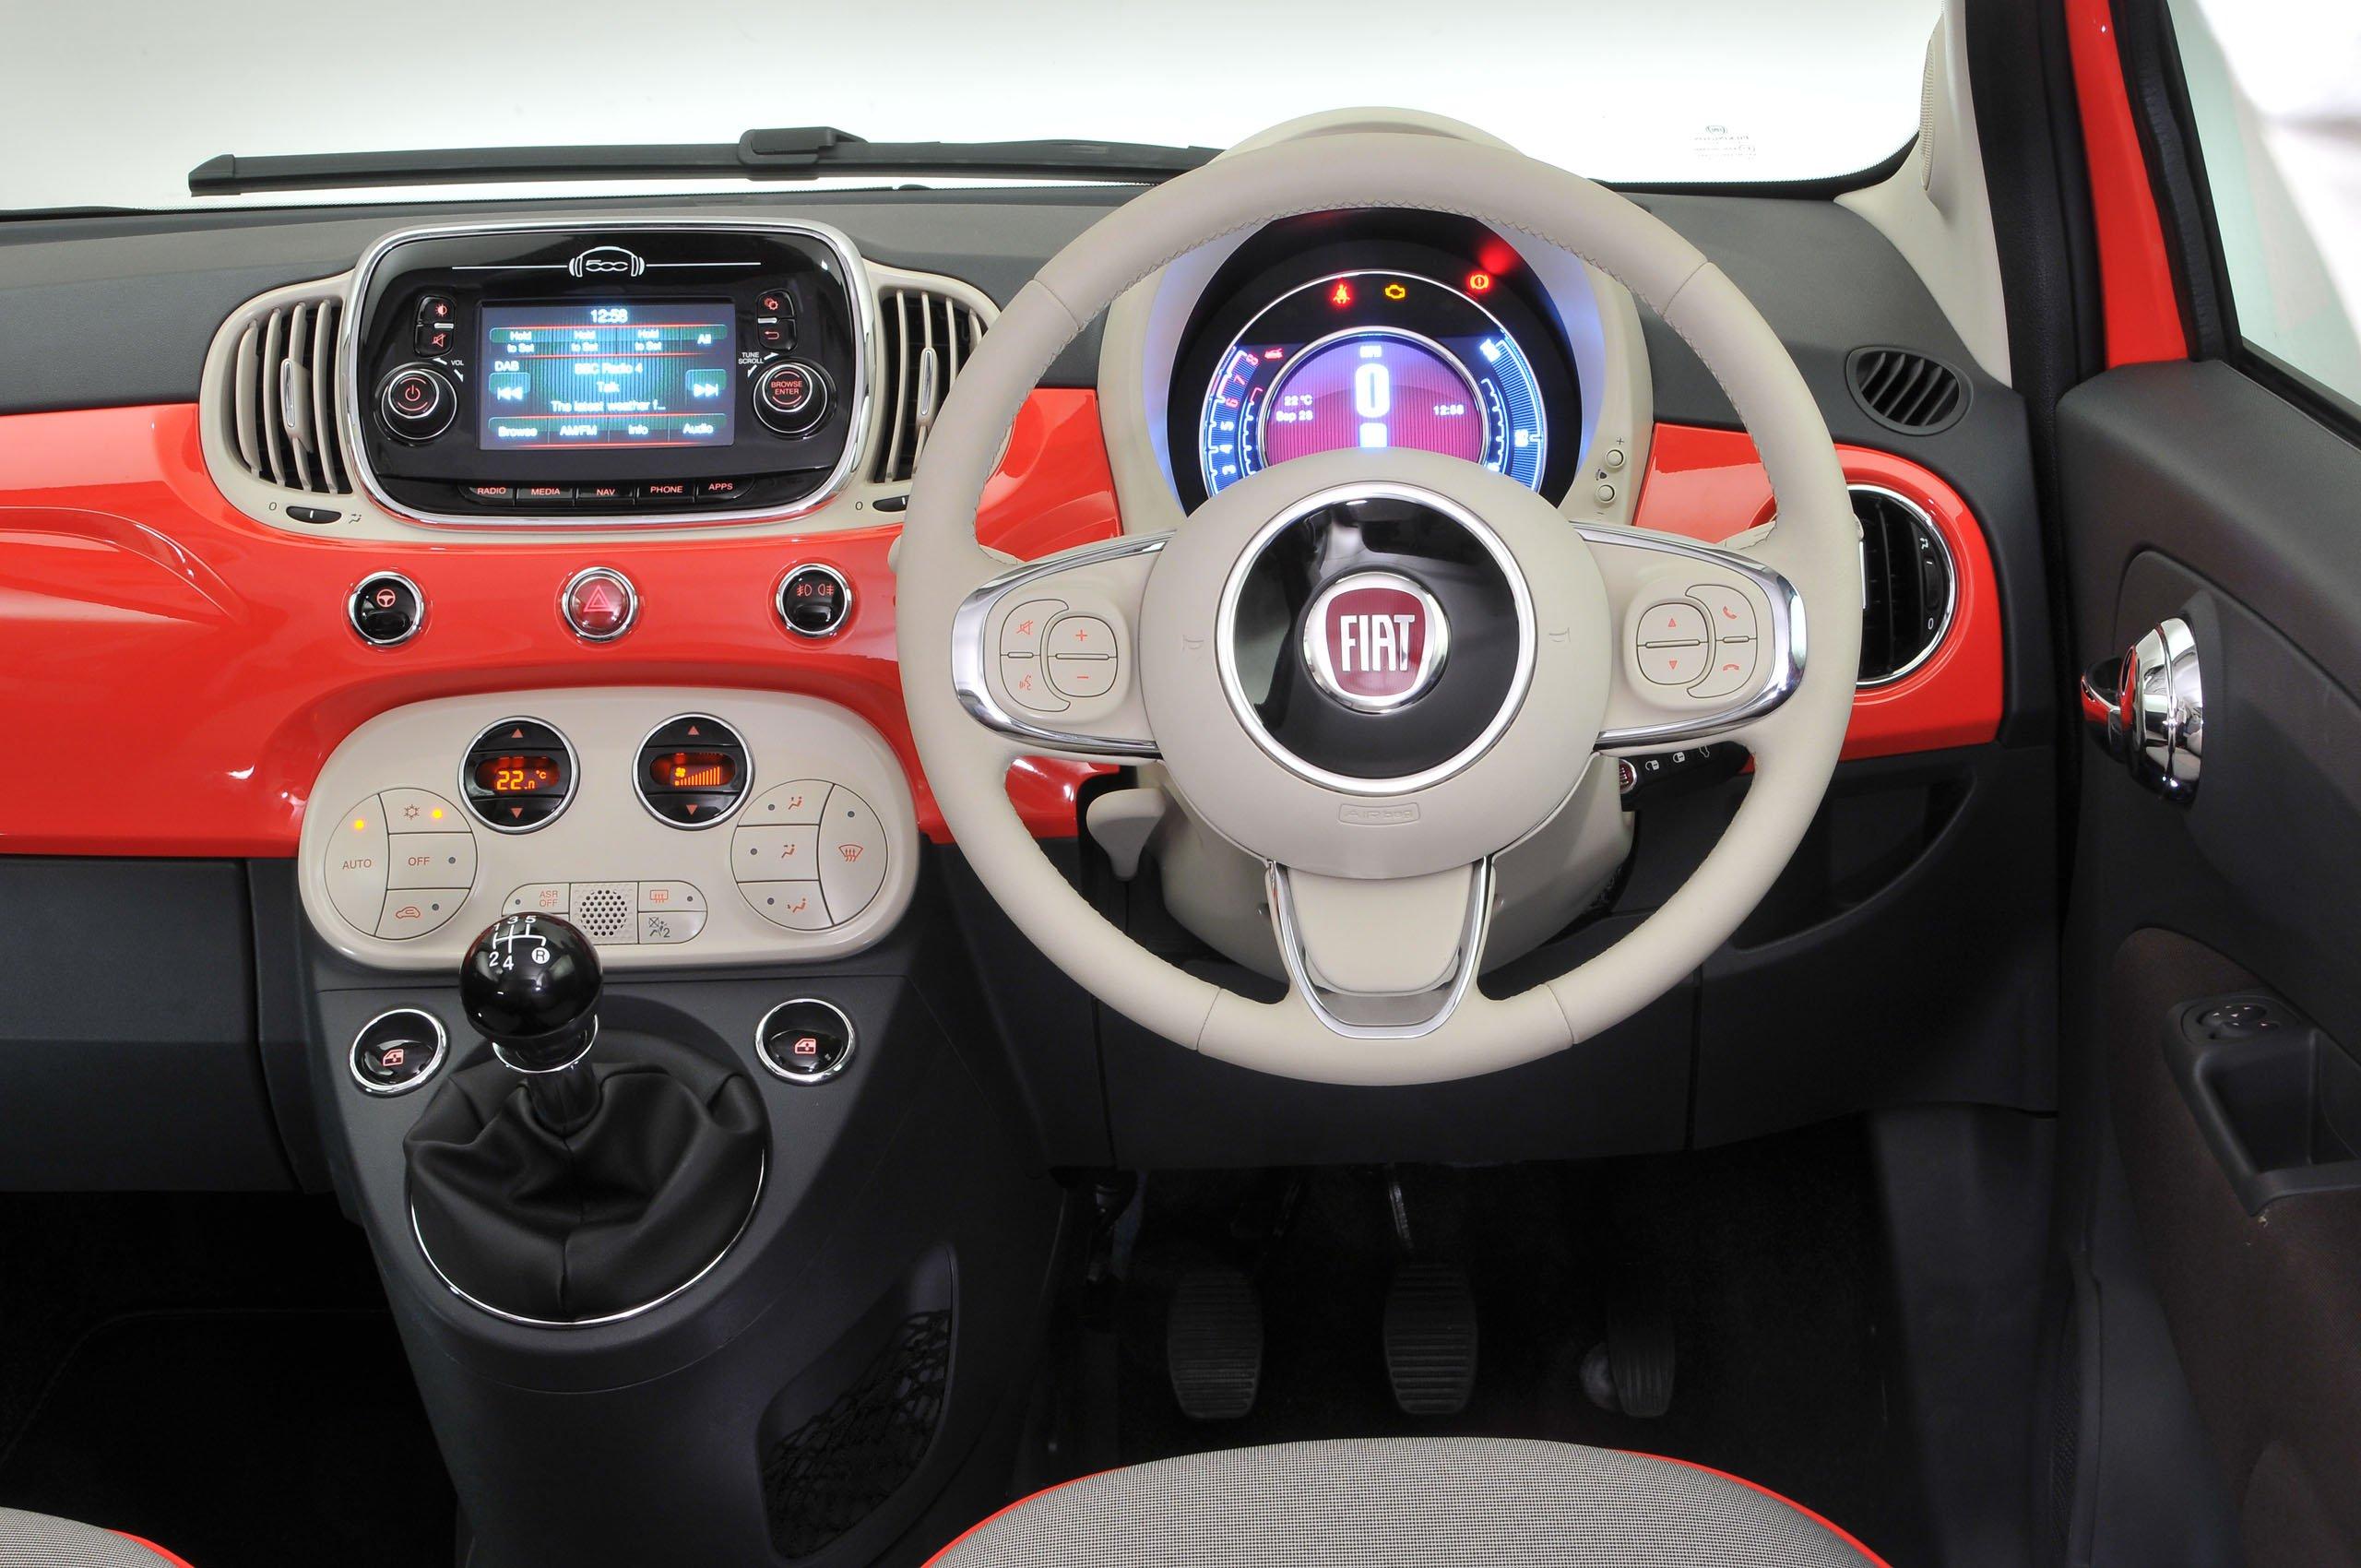 Fiat 500 1.2 Pop Dualogic 3dr - interior